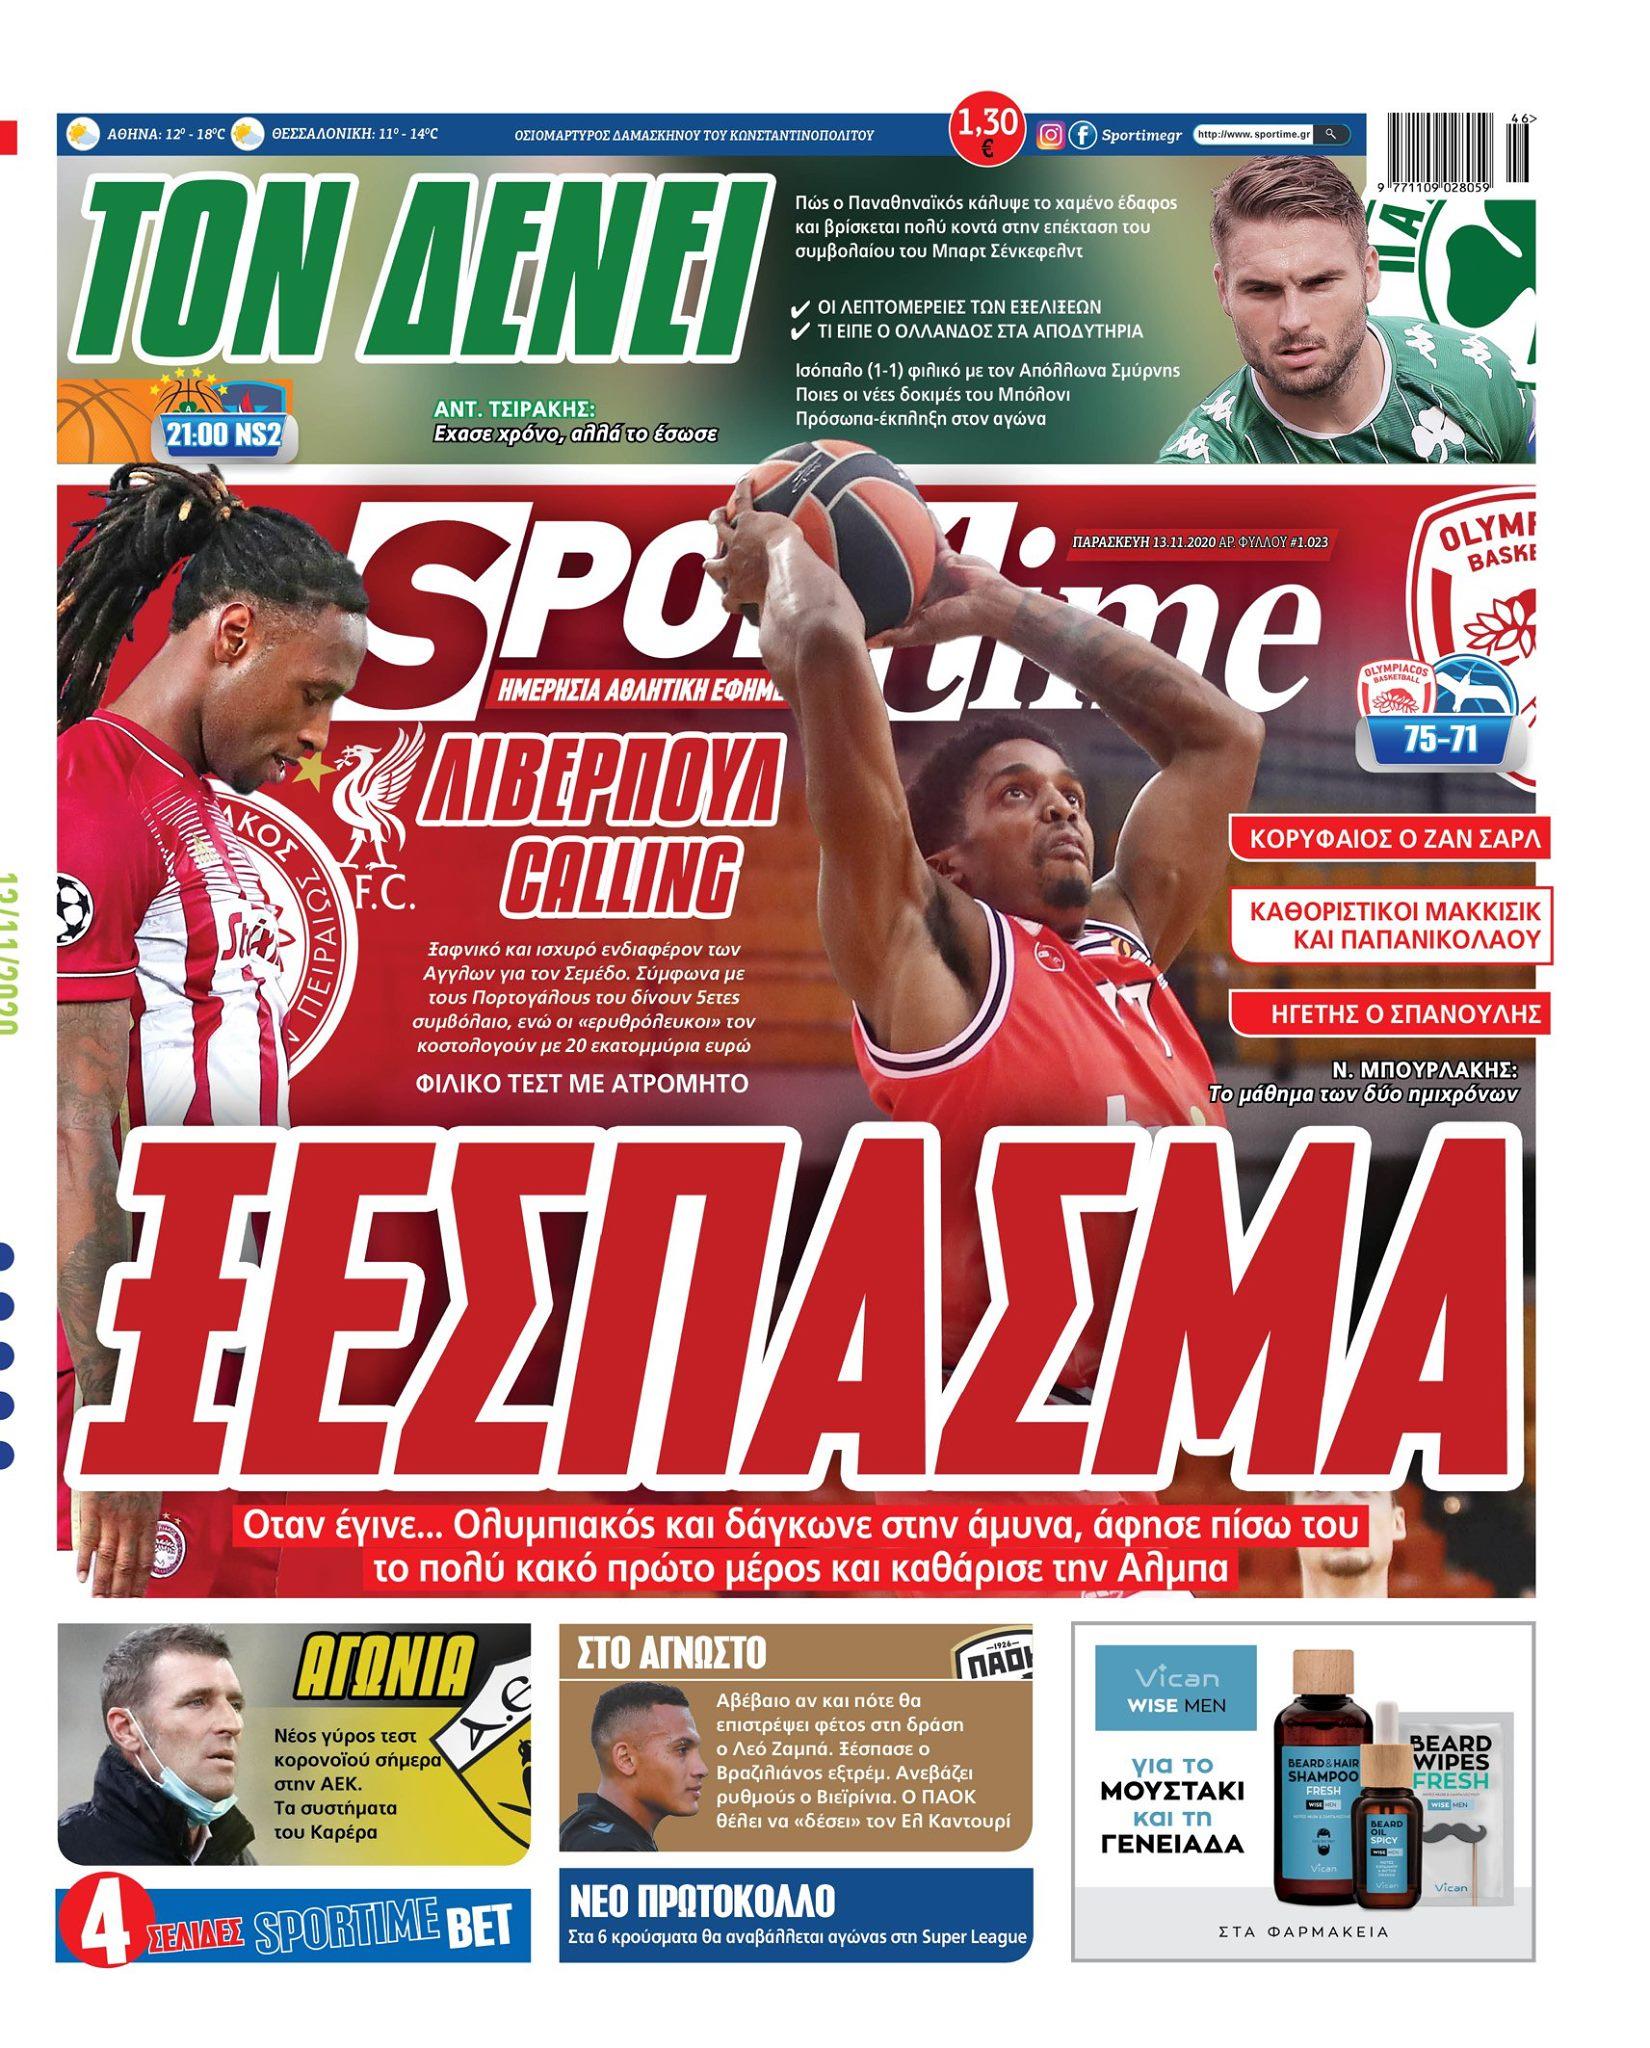 Εφημερίδα SPORTIME - Εξώφυλλο φύλλου 13/11/2020